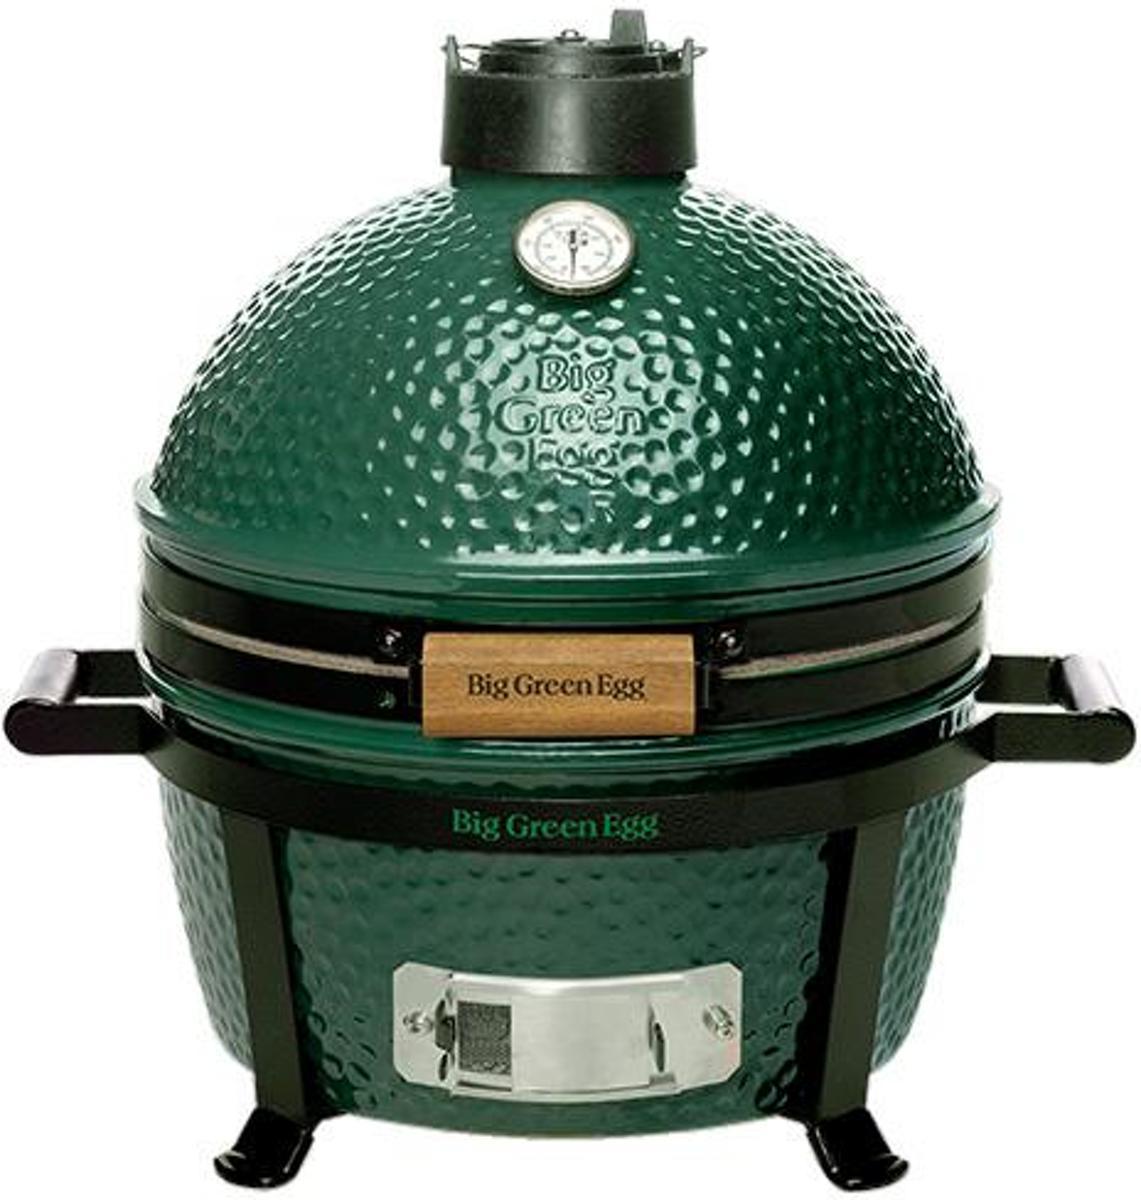 Green Egg Prijs.Bol Com Big Green Egg Barbecue Kopen Alle Barbecues Online